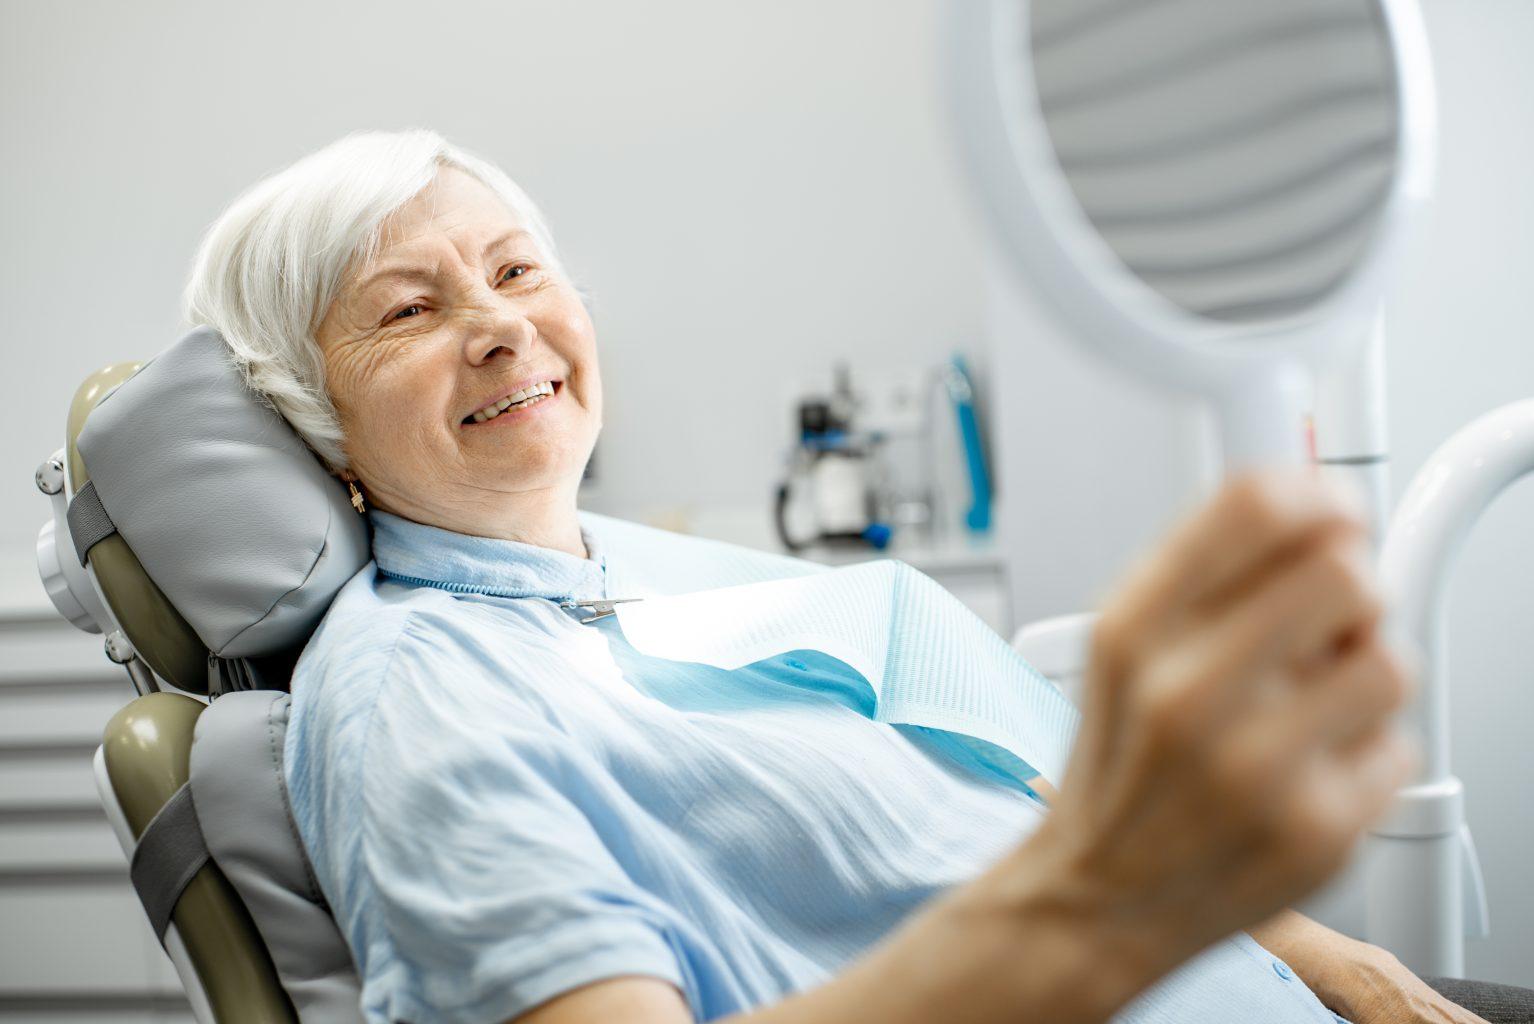 Elderly Woman Enjoying Her Smile In The Dental Office